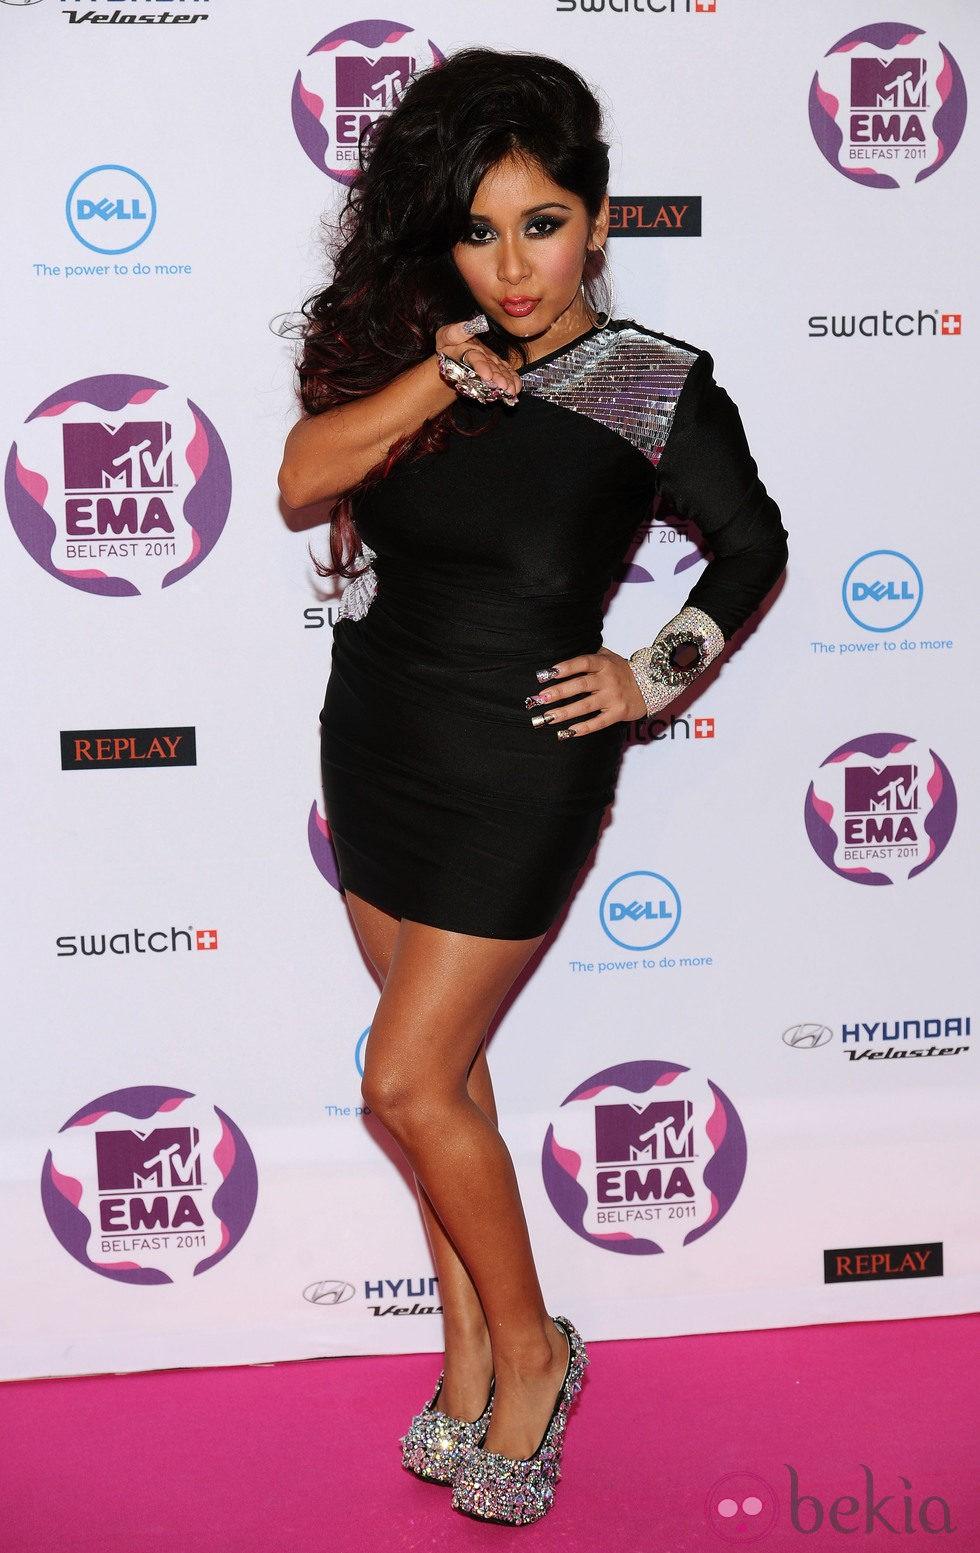 Peinado de Snooki con un semirecogido en los MTV Europe Music Awards 2011